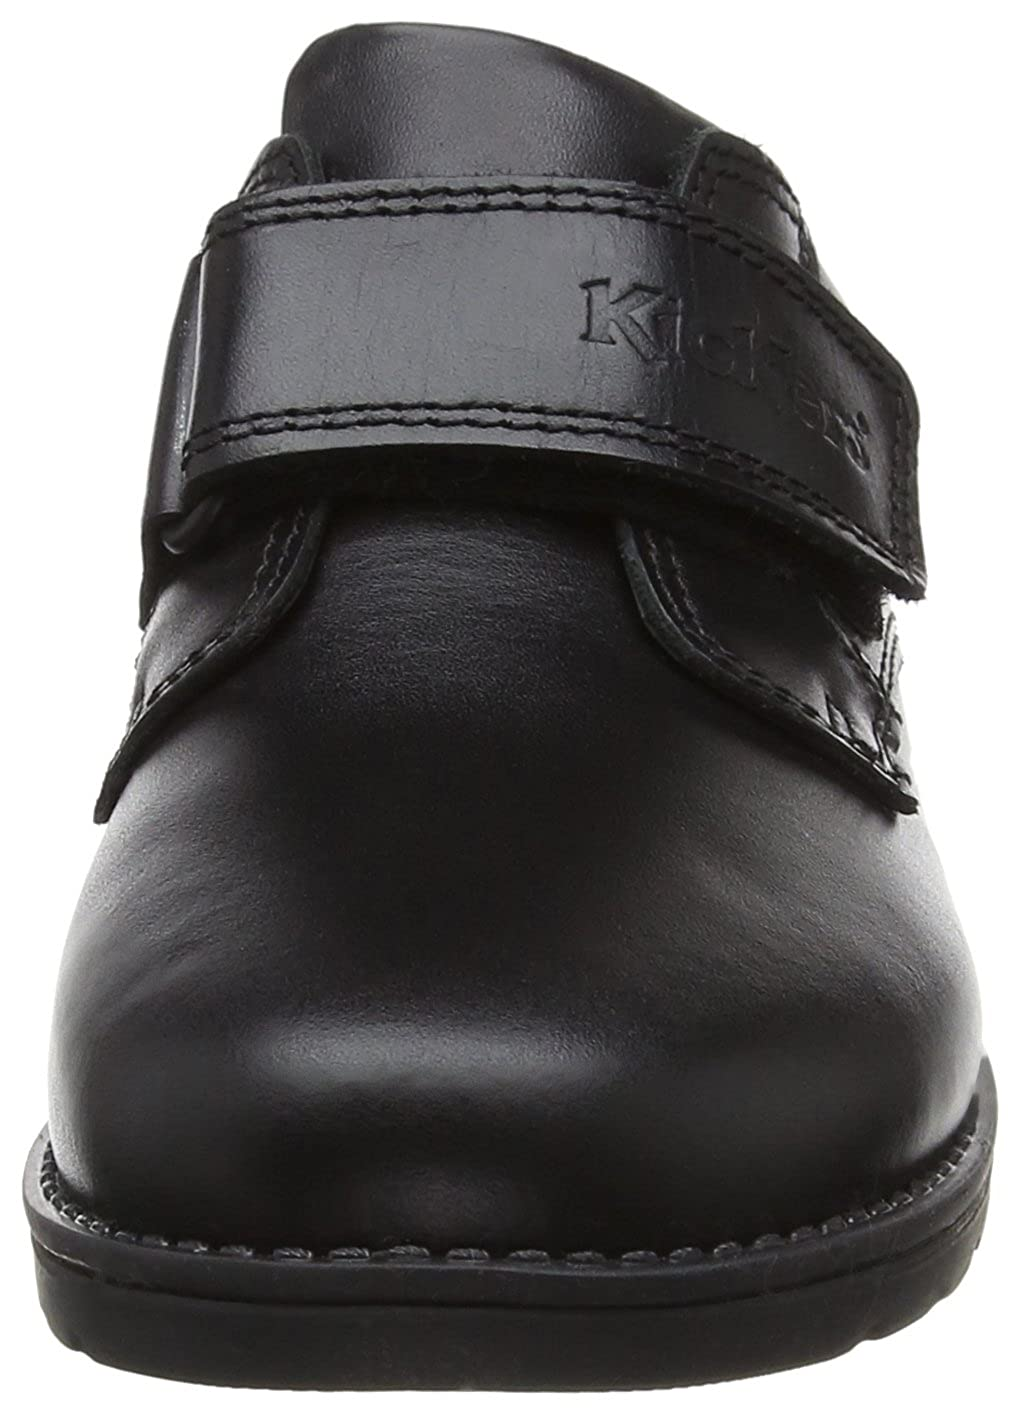 Kickers Orin Strap, Mocasines para Niños: Amazon.es: Zapatos y complementos